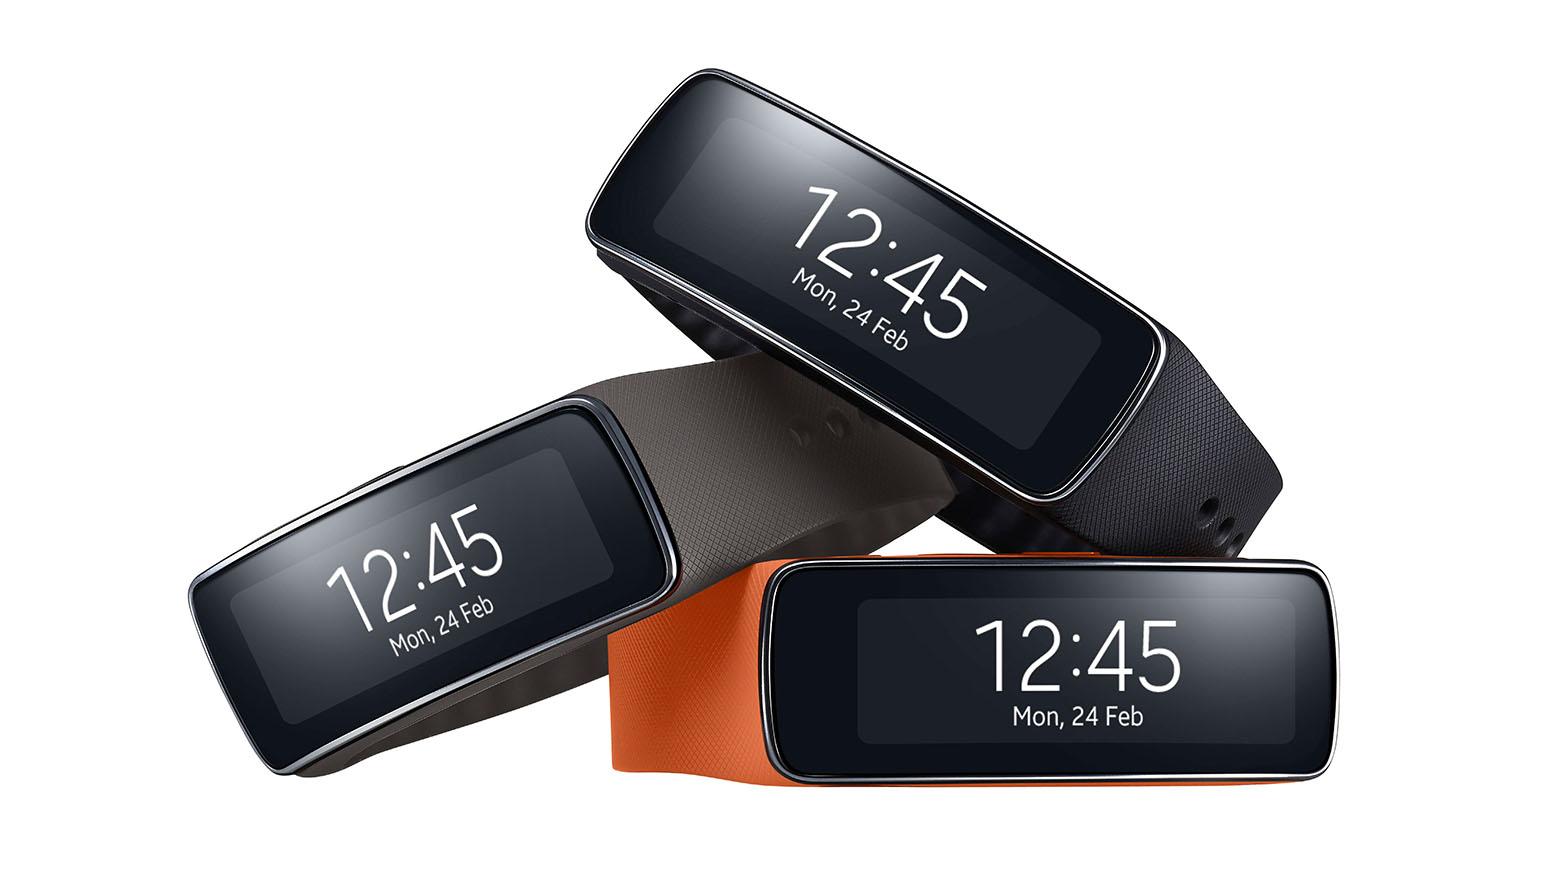 La Samsung Gear Fit fonctionne sur des mobiles d'autres marques que Samsung